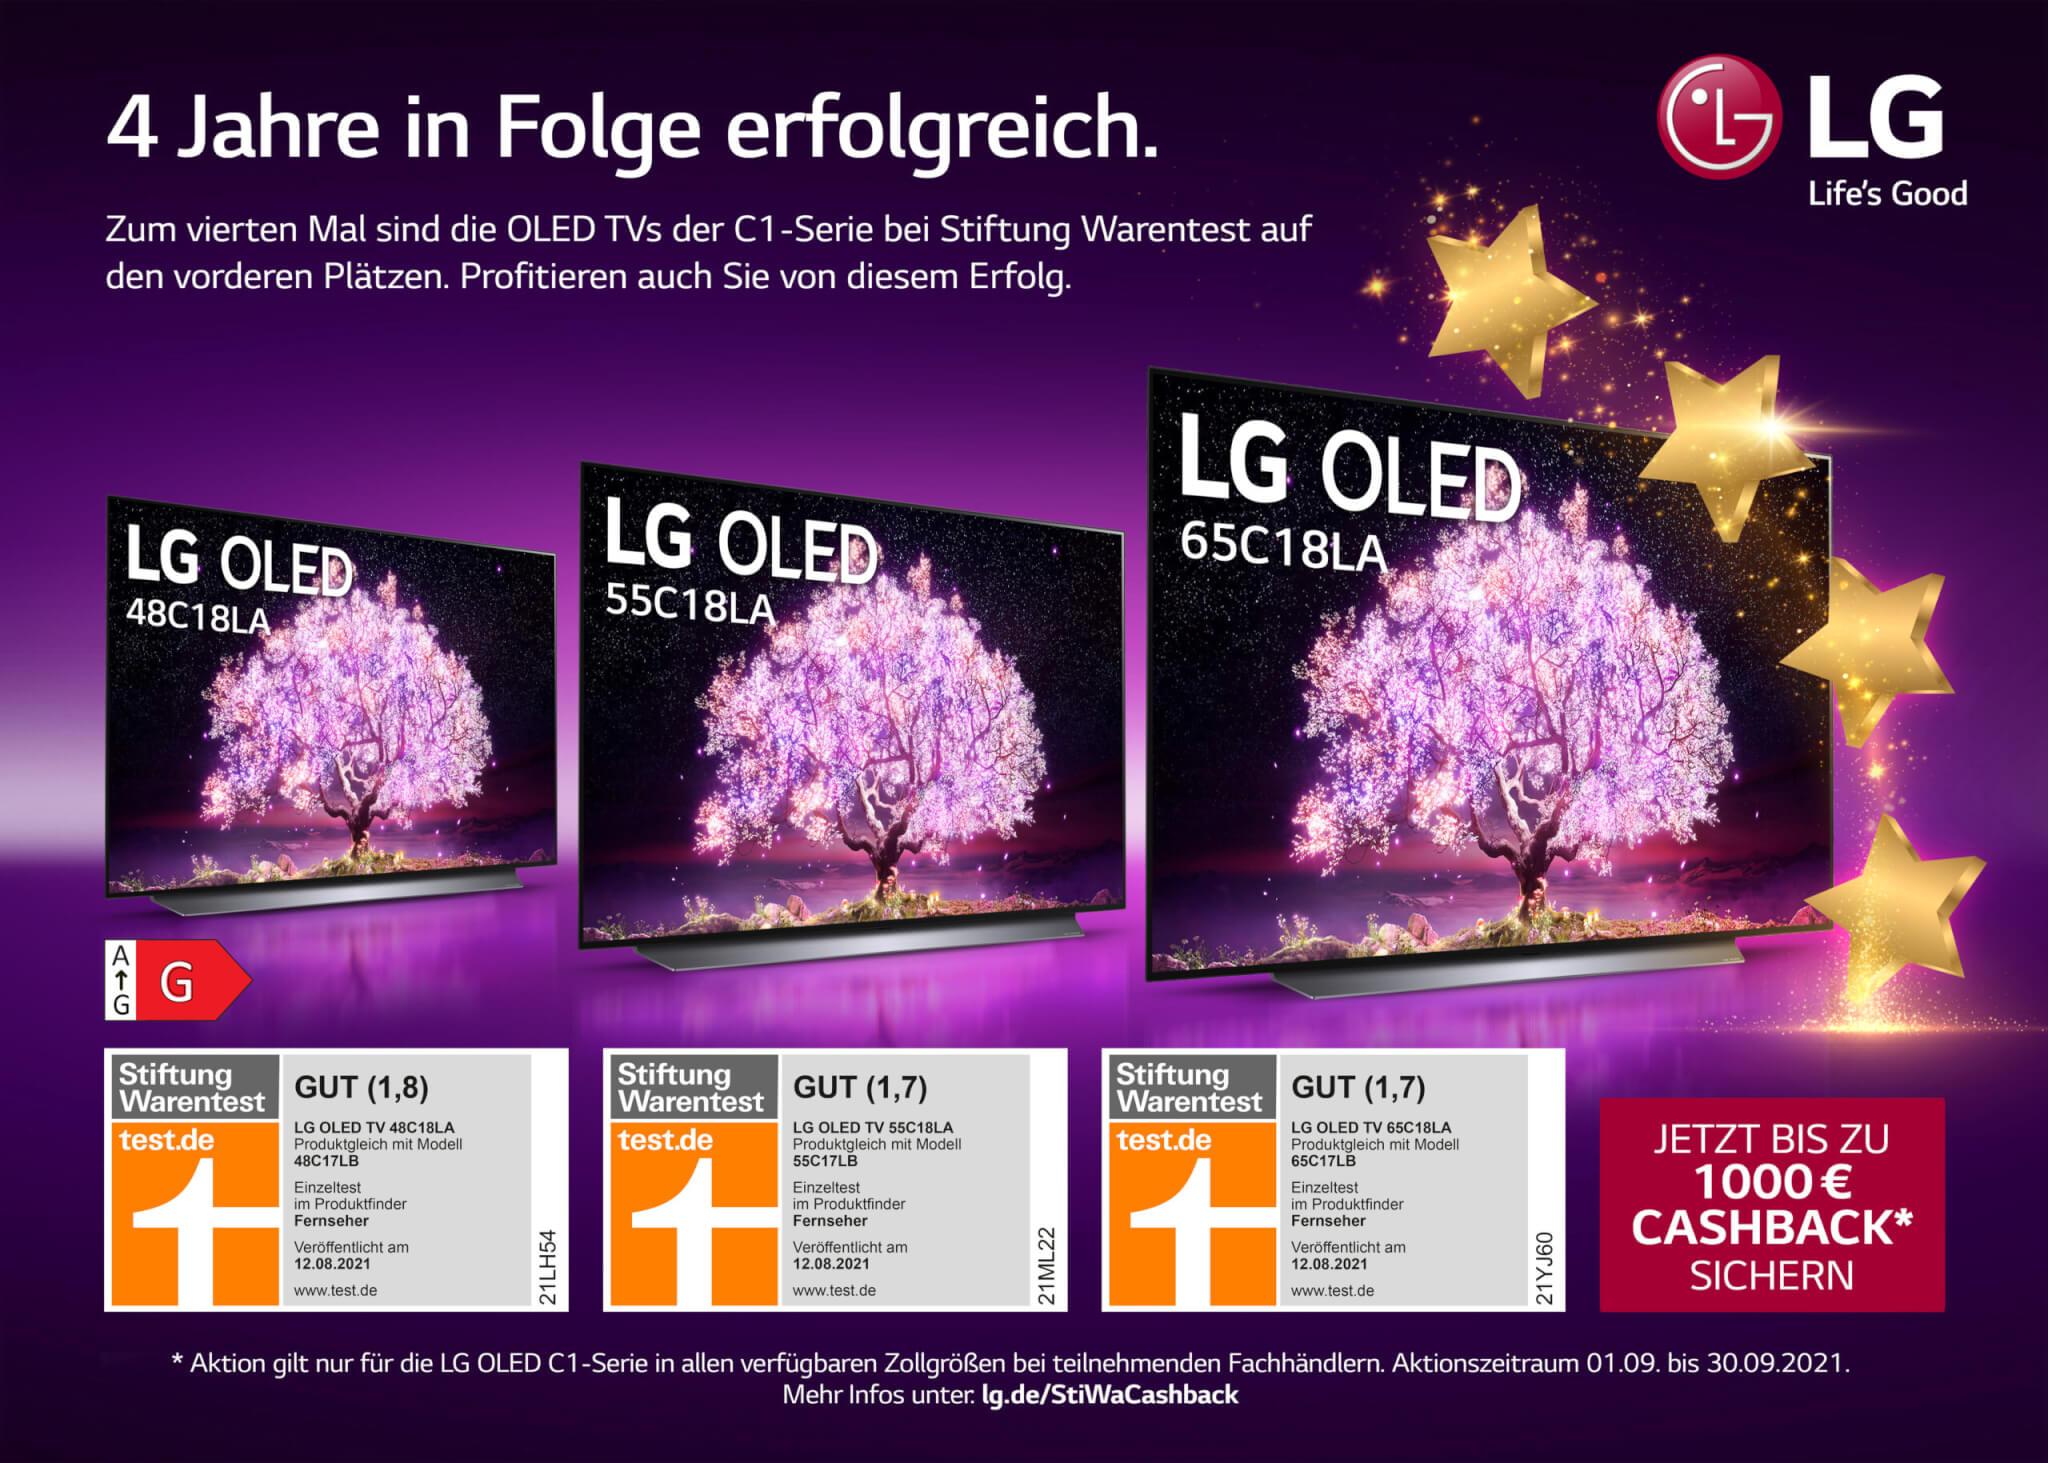 LG OLED C1 Cashback Aktion